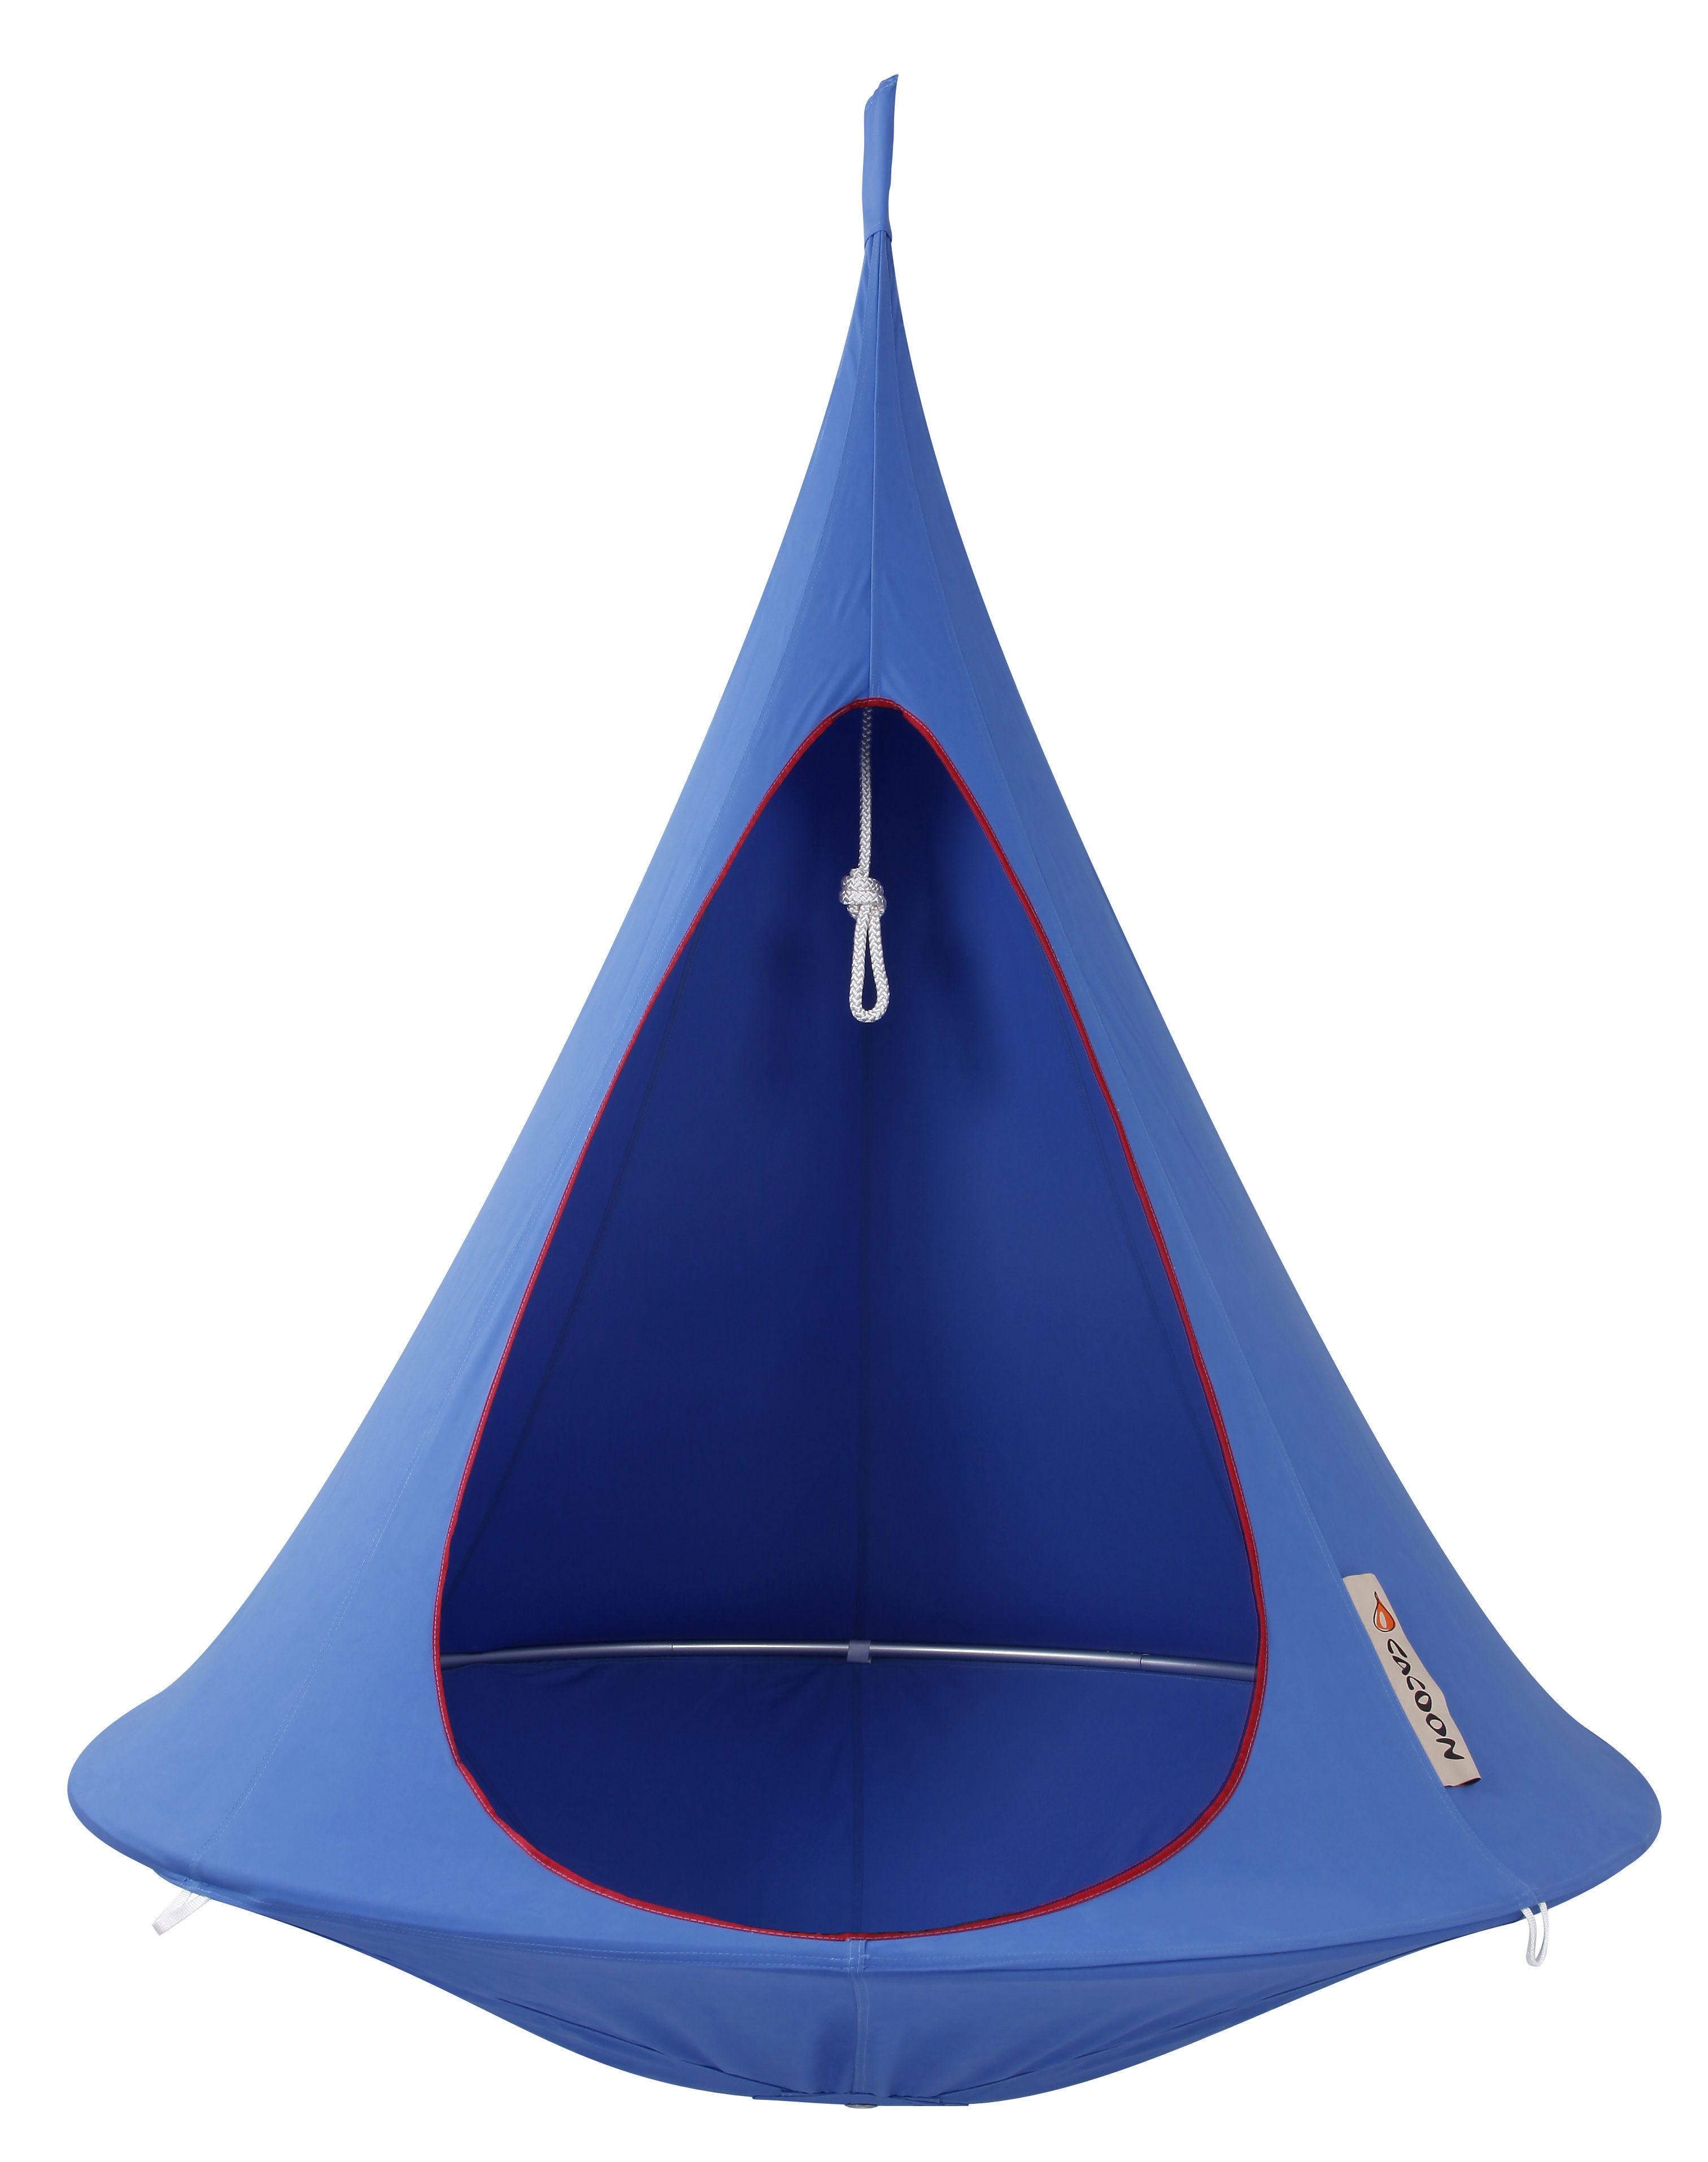 Jardin - Chaises longues et hamacs - Fauteuil suspendu / Tente -Ø 150 cm - 1 personne - Cacoon - Bleu ciel - Aluminium anodisé, Toile